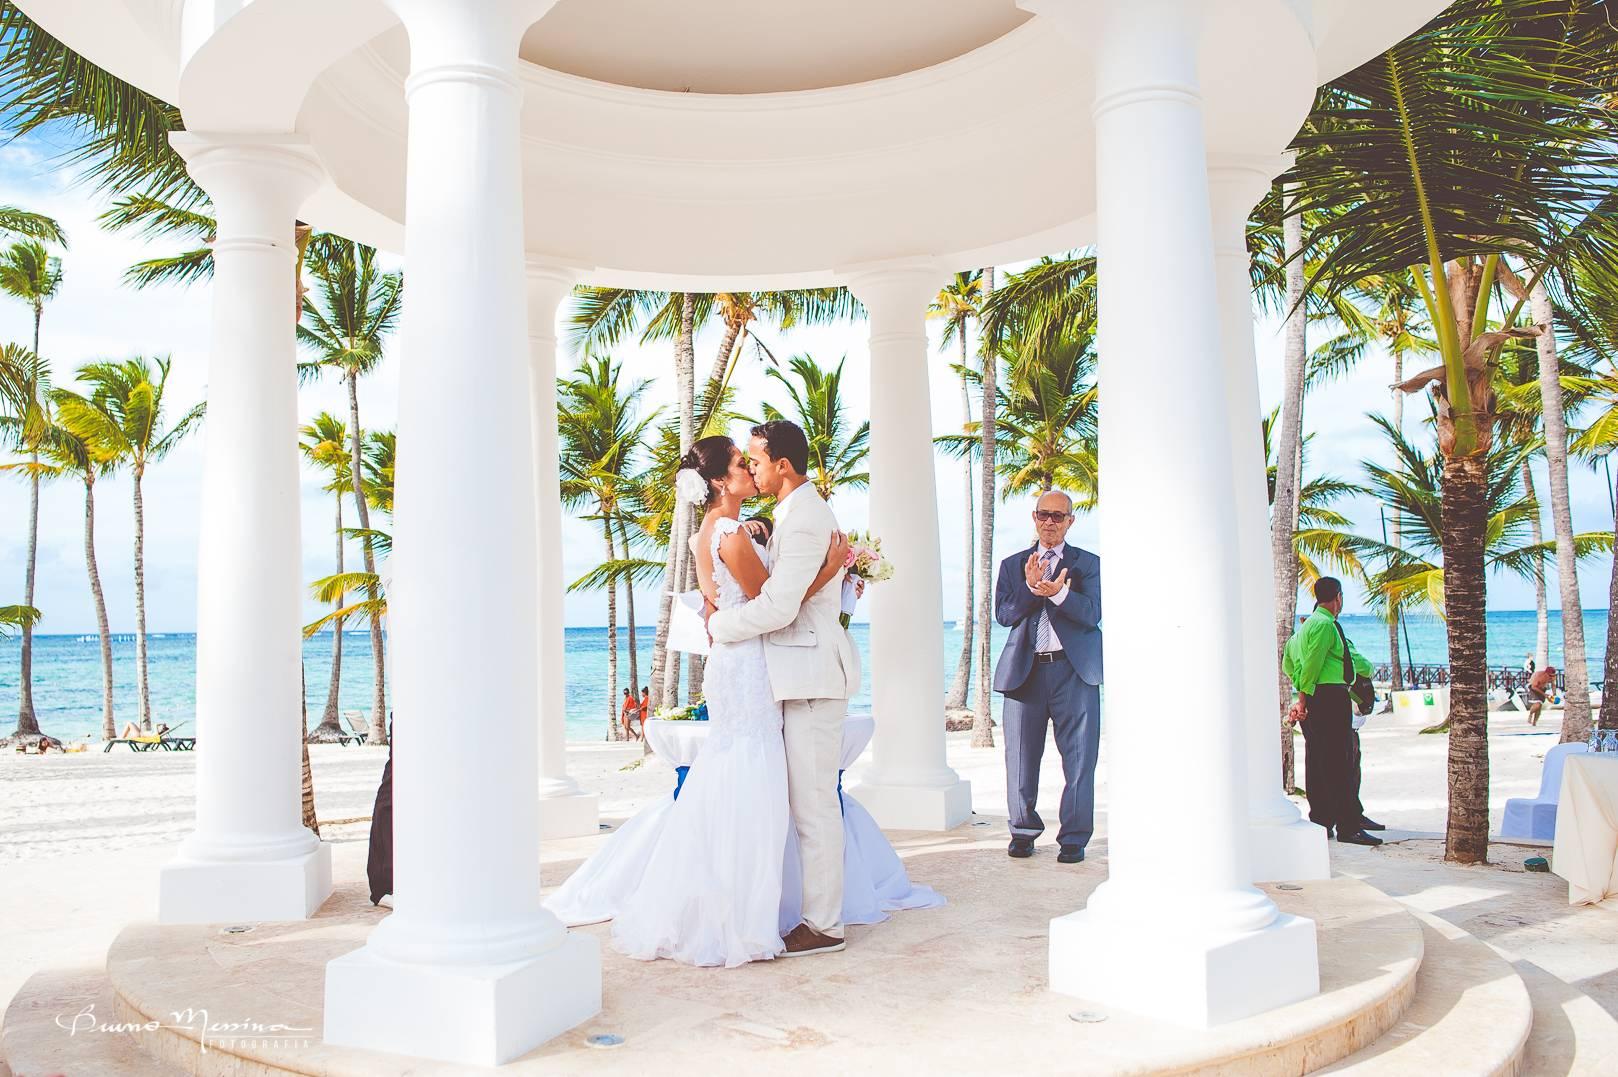 Casamento-em-Punta-Cana-21